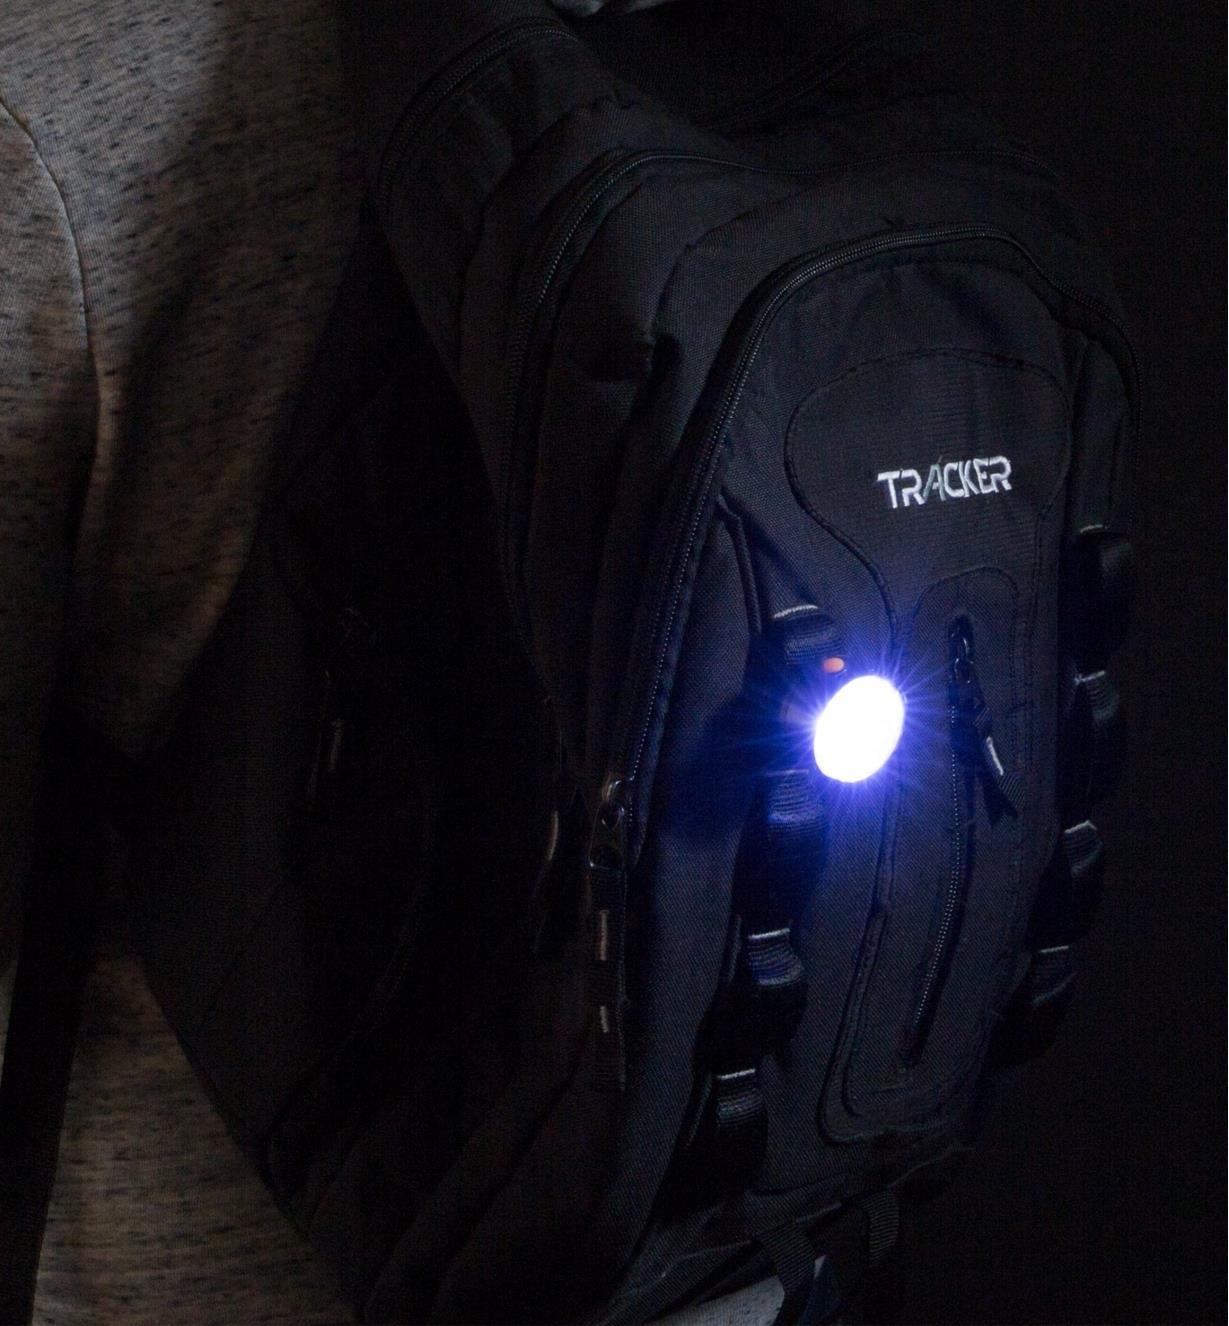 Clip-On LED Lights